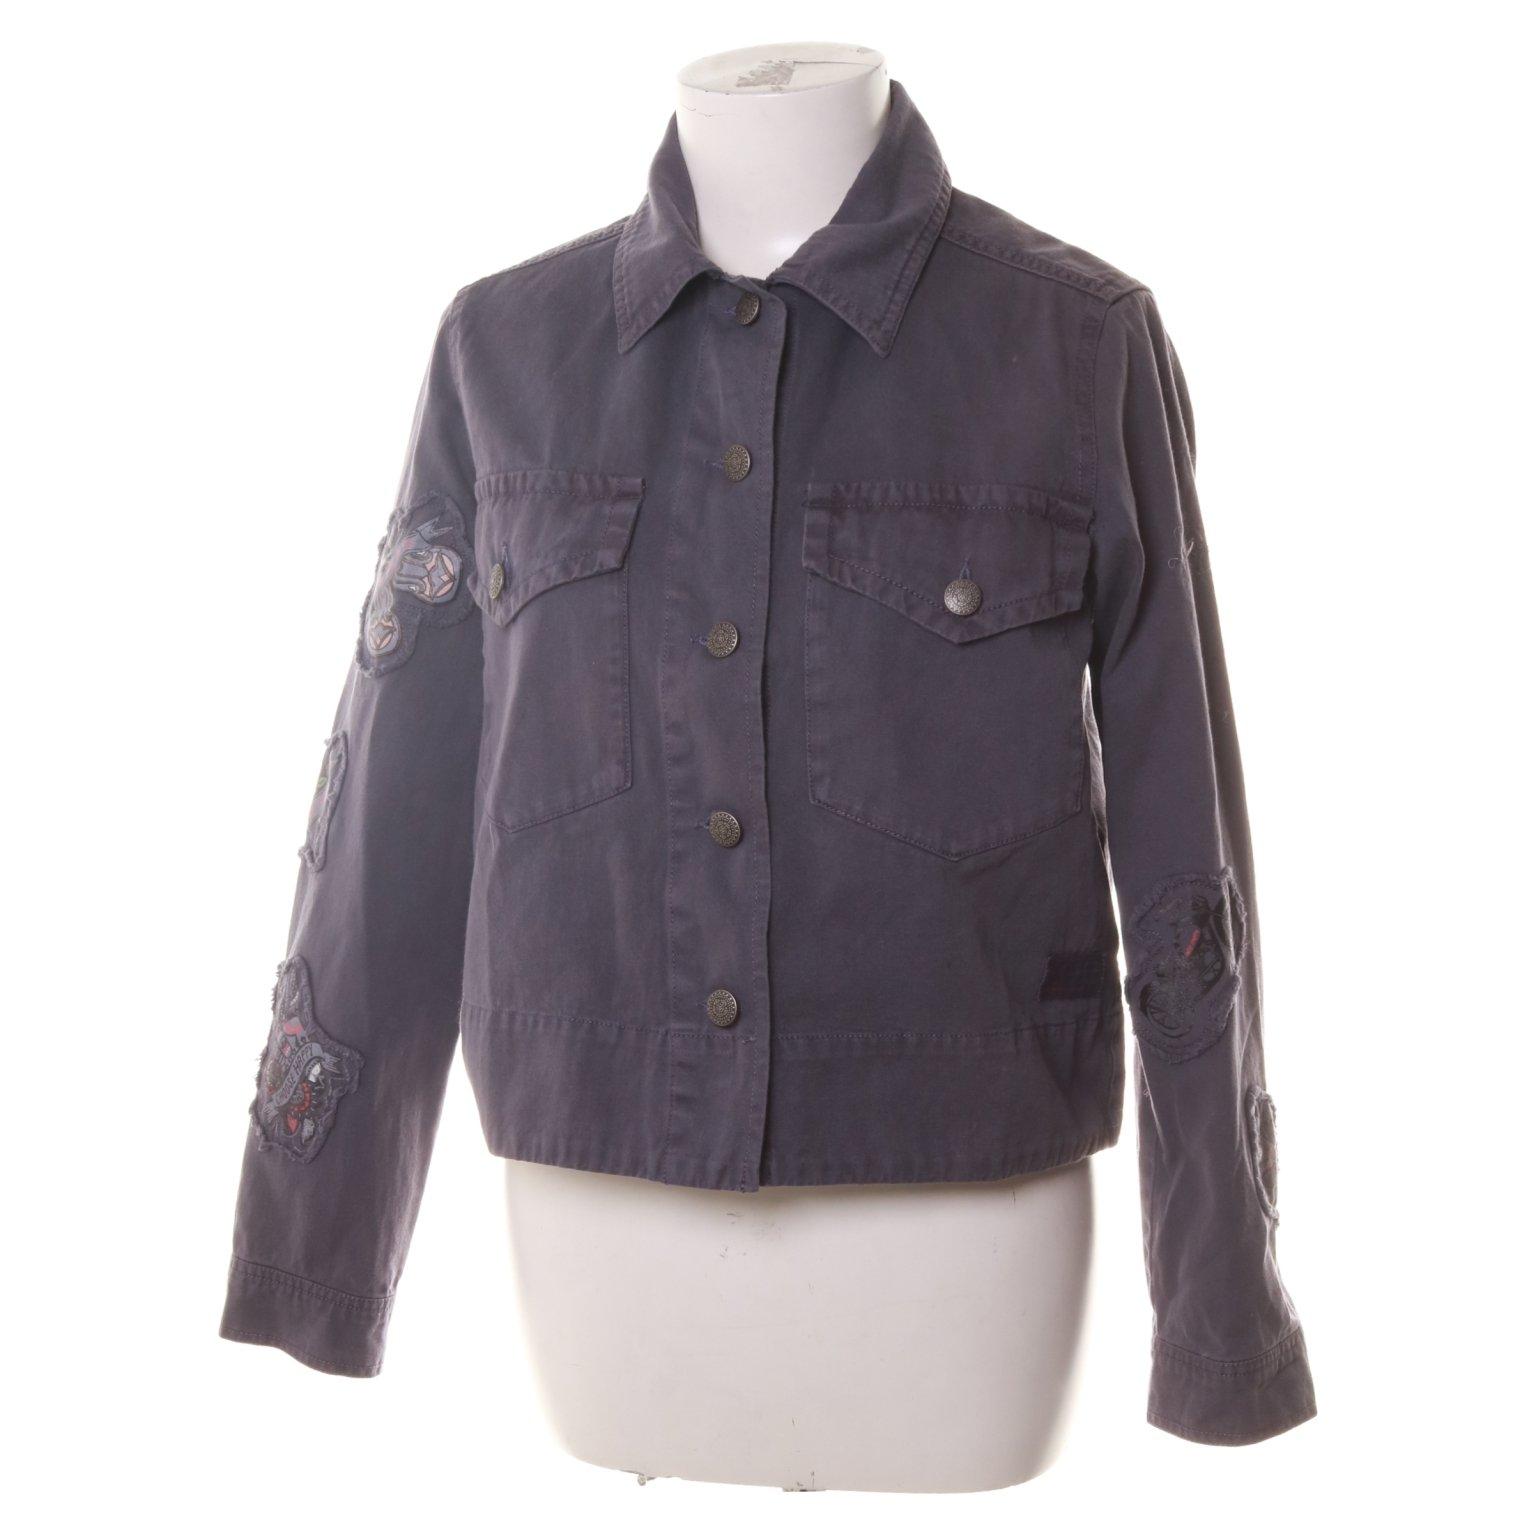 Odd Molly, Jeansjacka, Strl: XS, 922, Straight Up Nice Jacket, Blå, Bomull